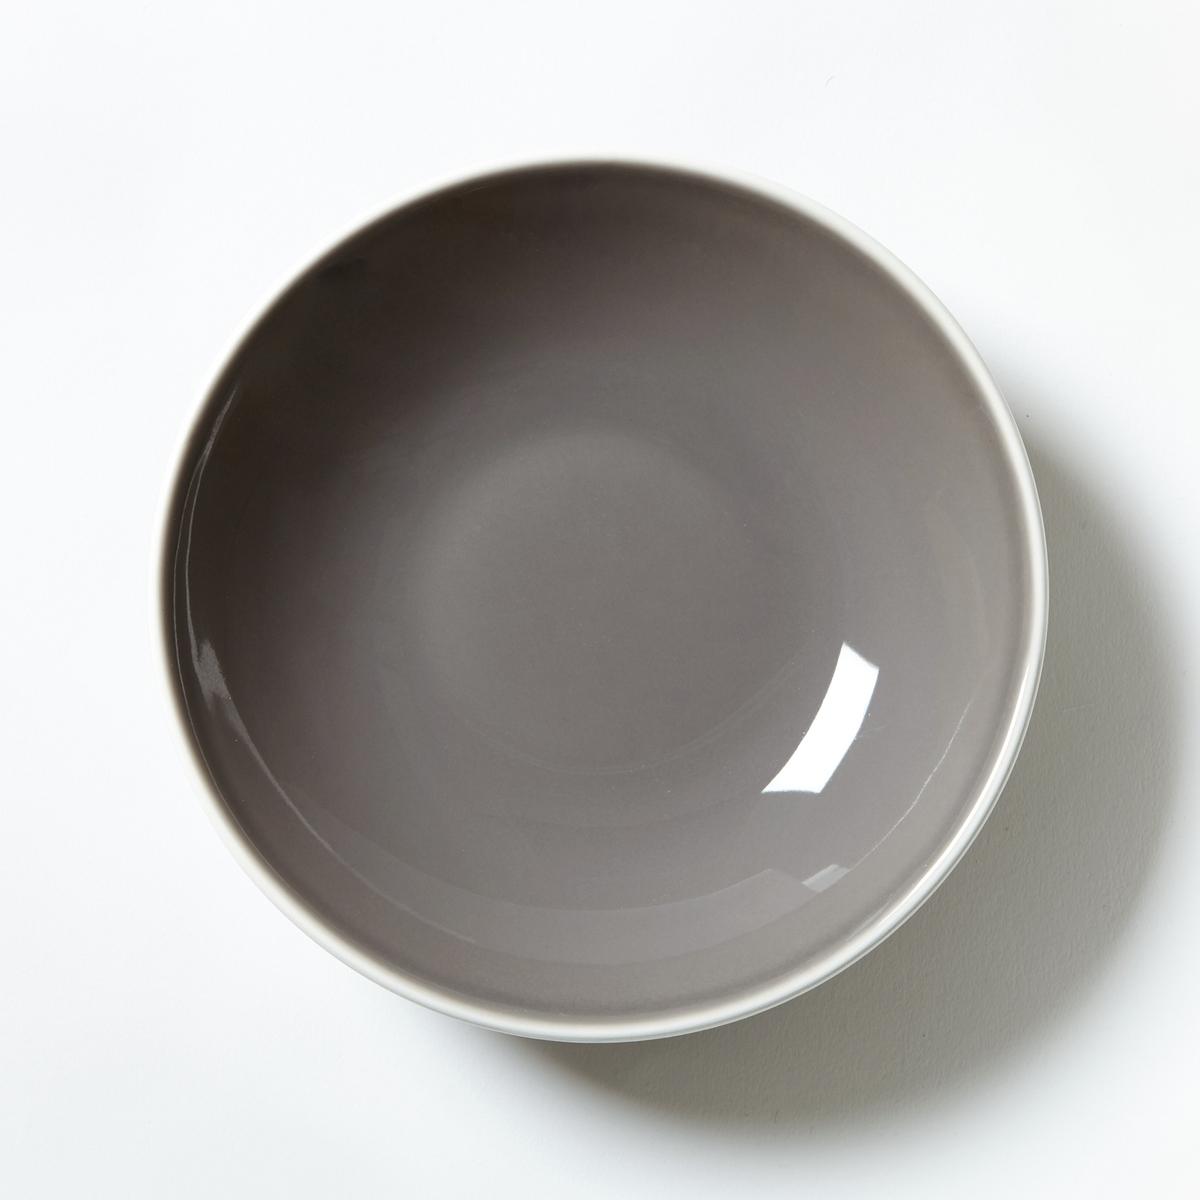 4 тарелки с дизайнерским рисунком